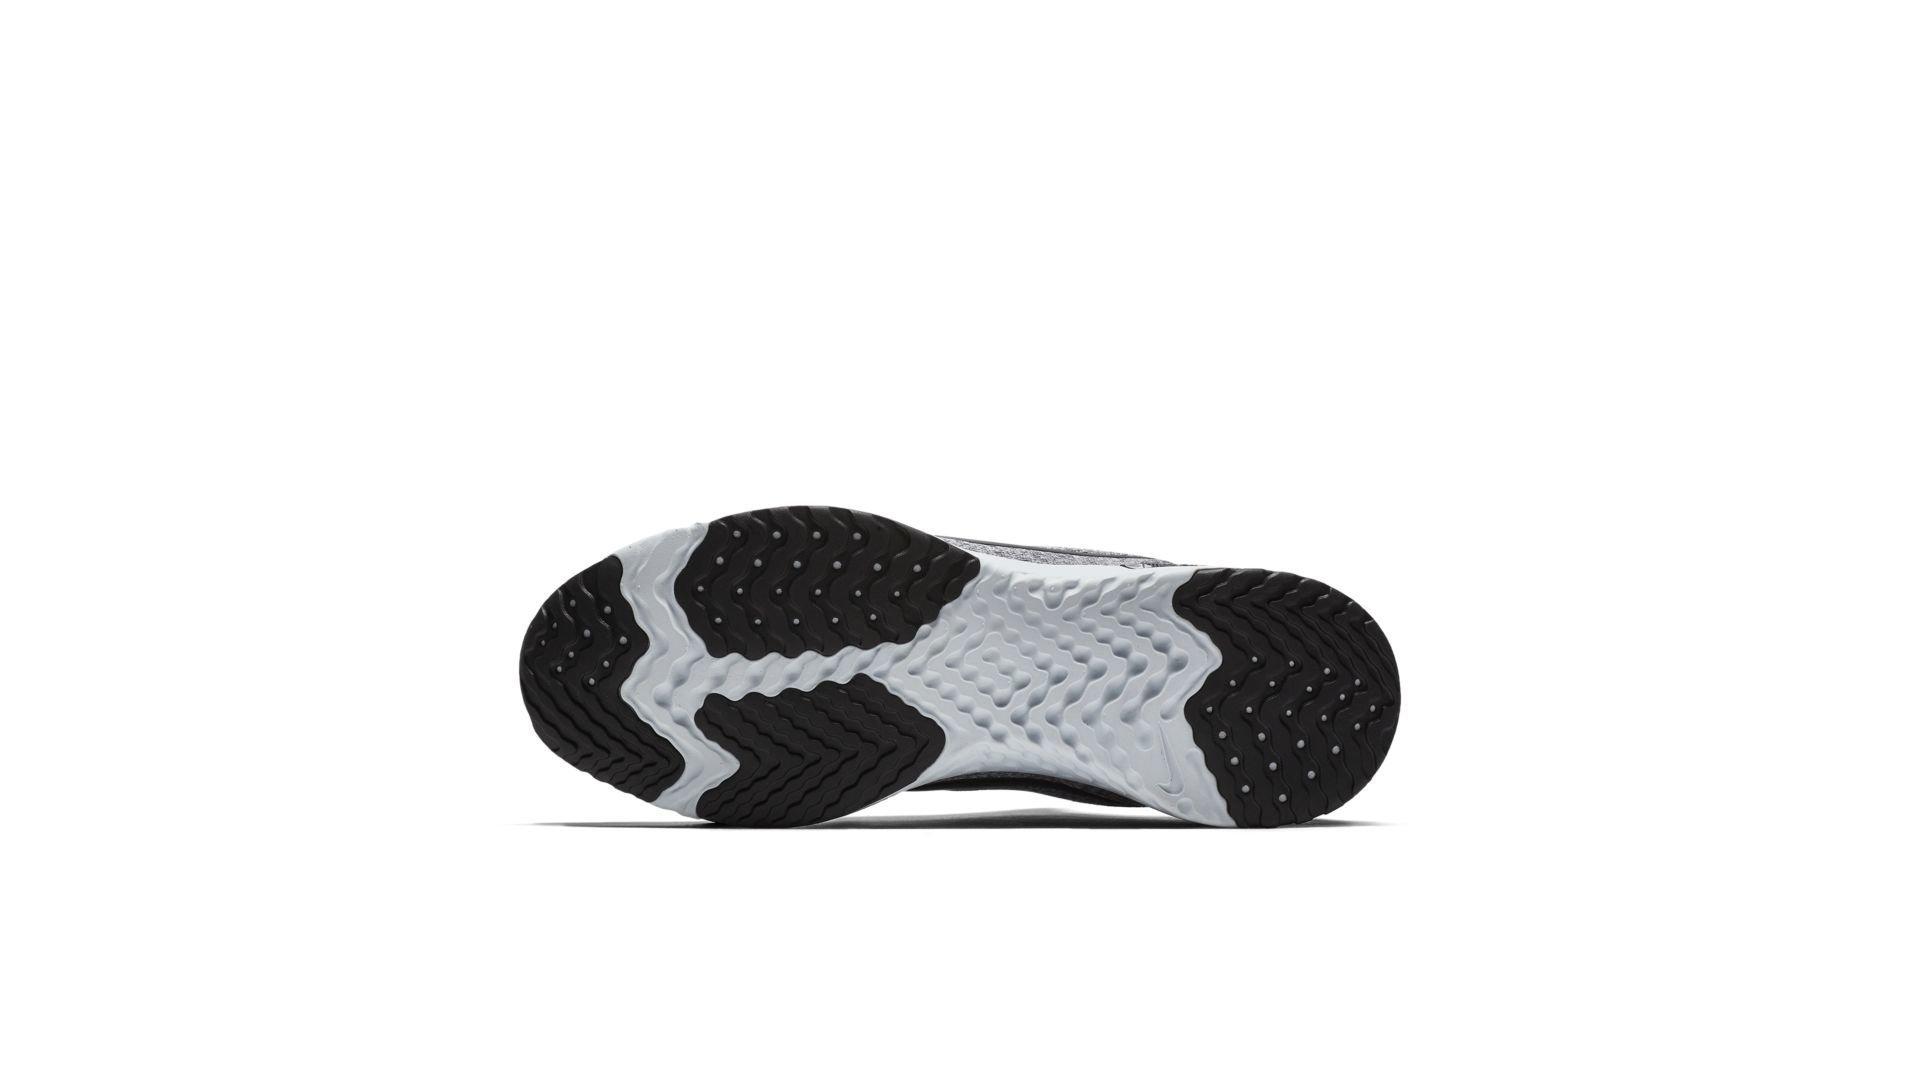 Nike Odyssey React Wolf Grey Black (W) (AO9820-003)